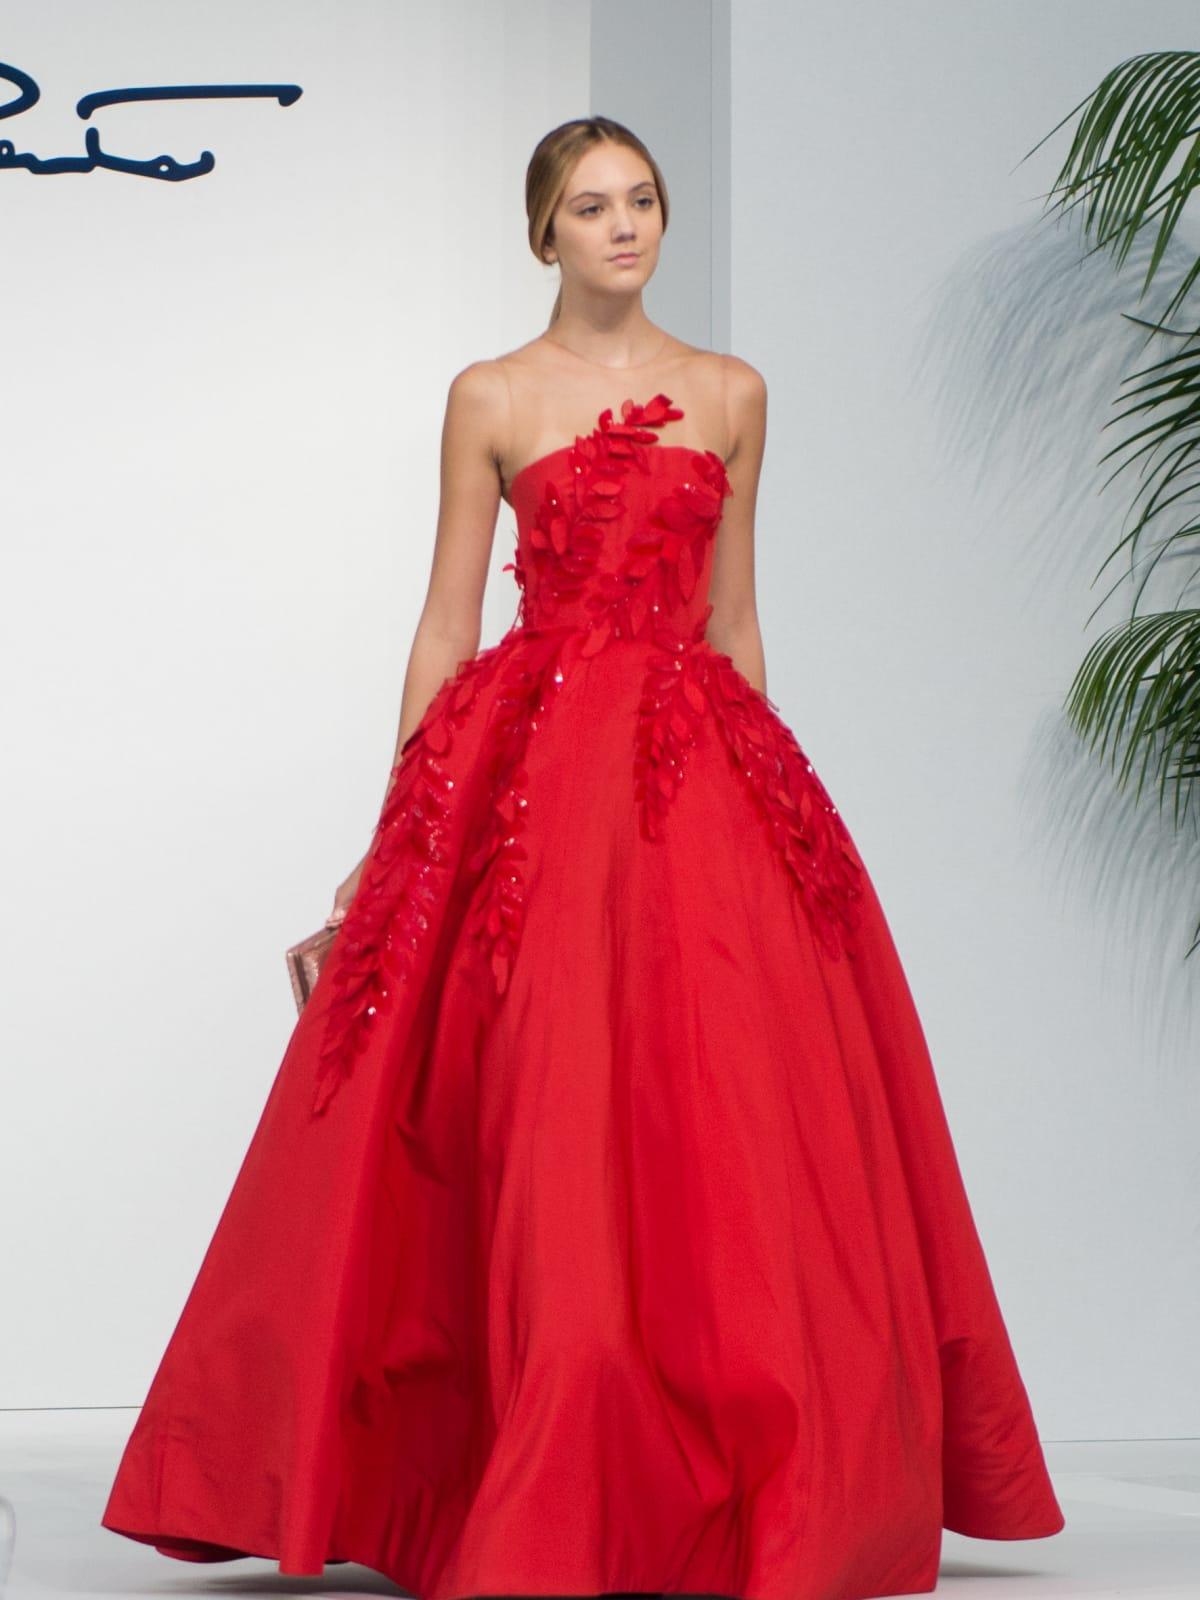 Oscar de la Renta 2018 resort collection red gown